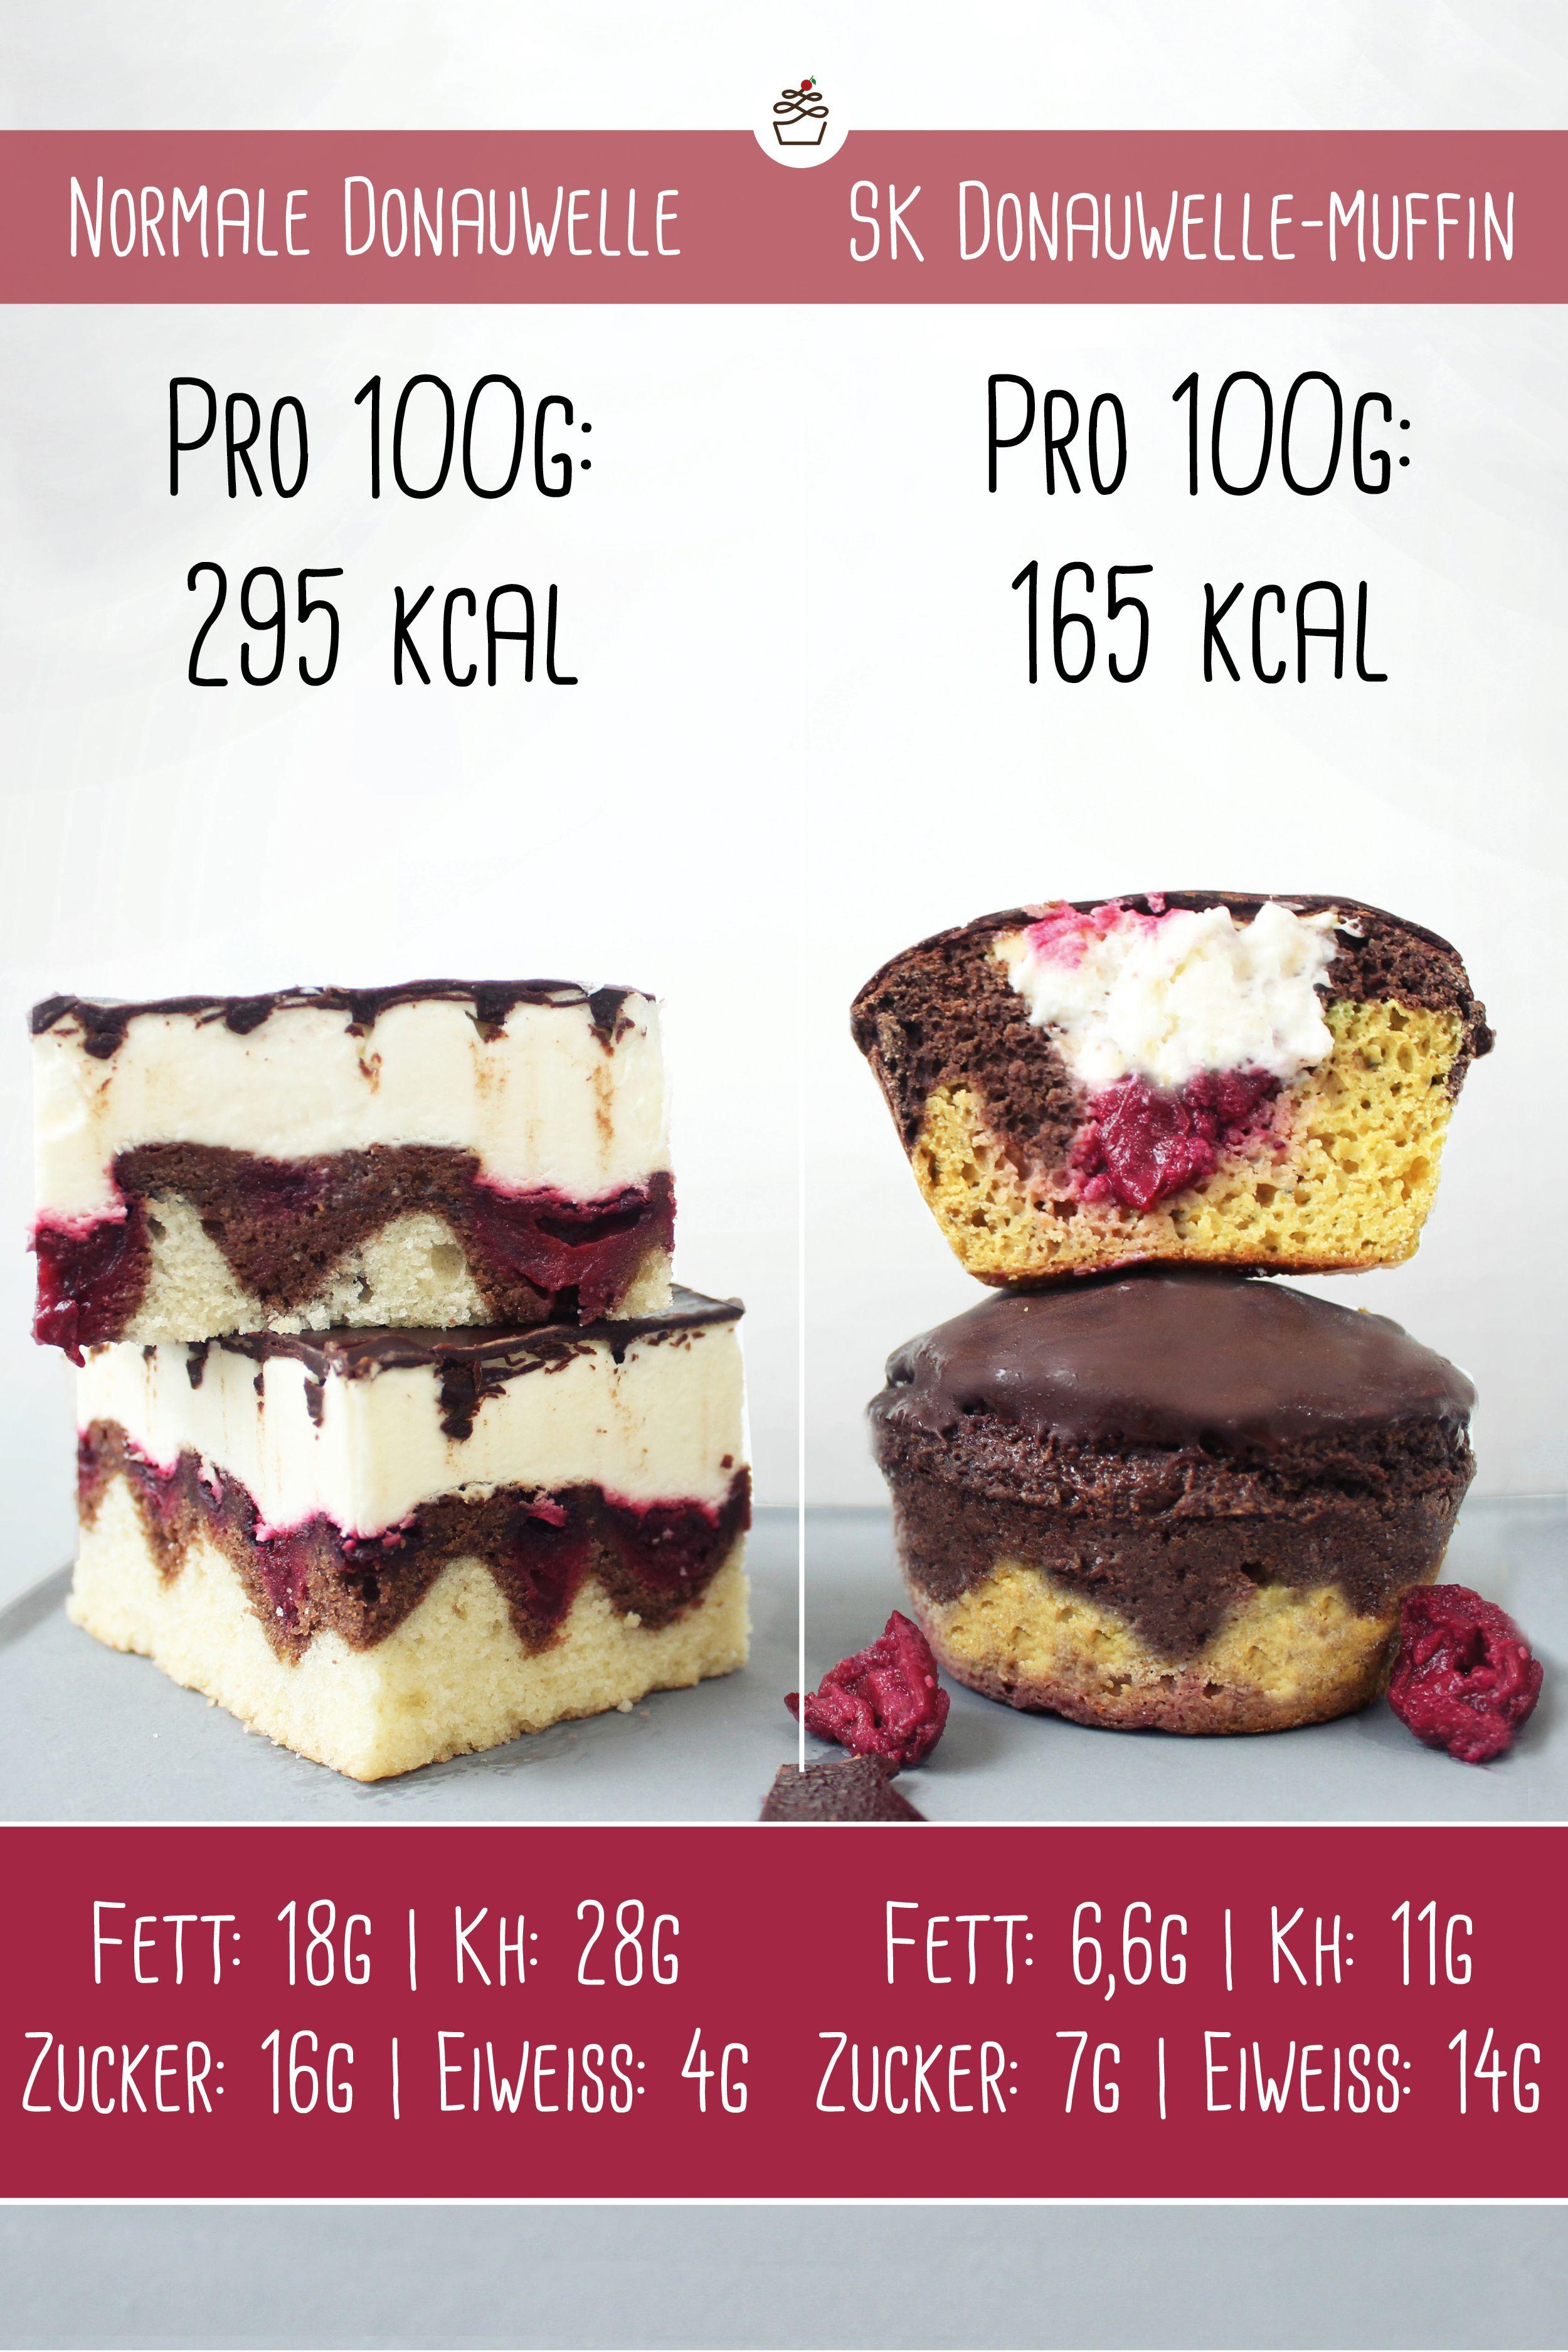 Donauwellen Muffin Low Carb Muffins Lebensmittel Essen Und Low Carb Kuchen Ohne Zucker